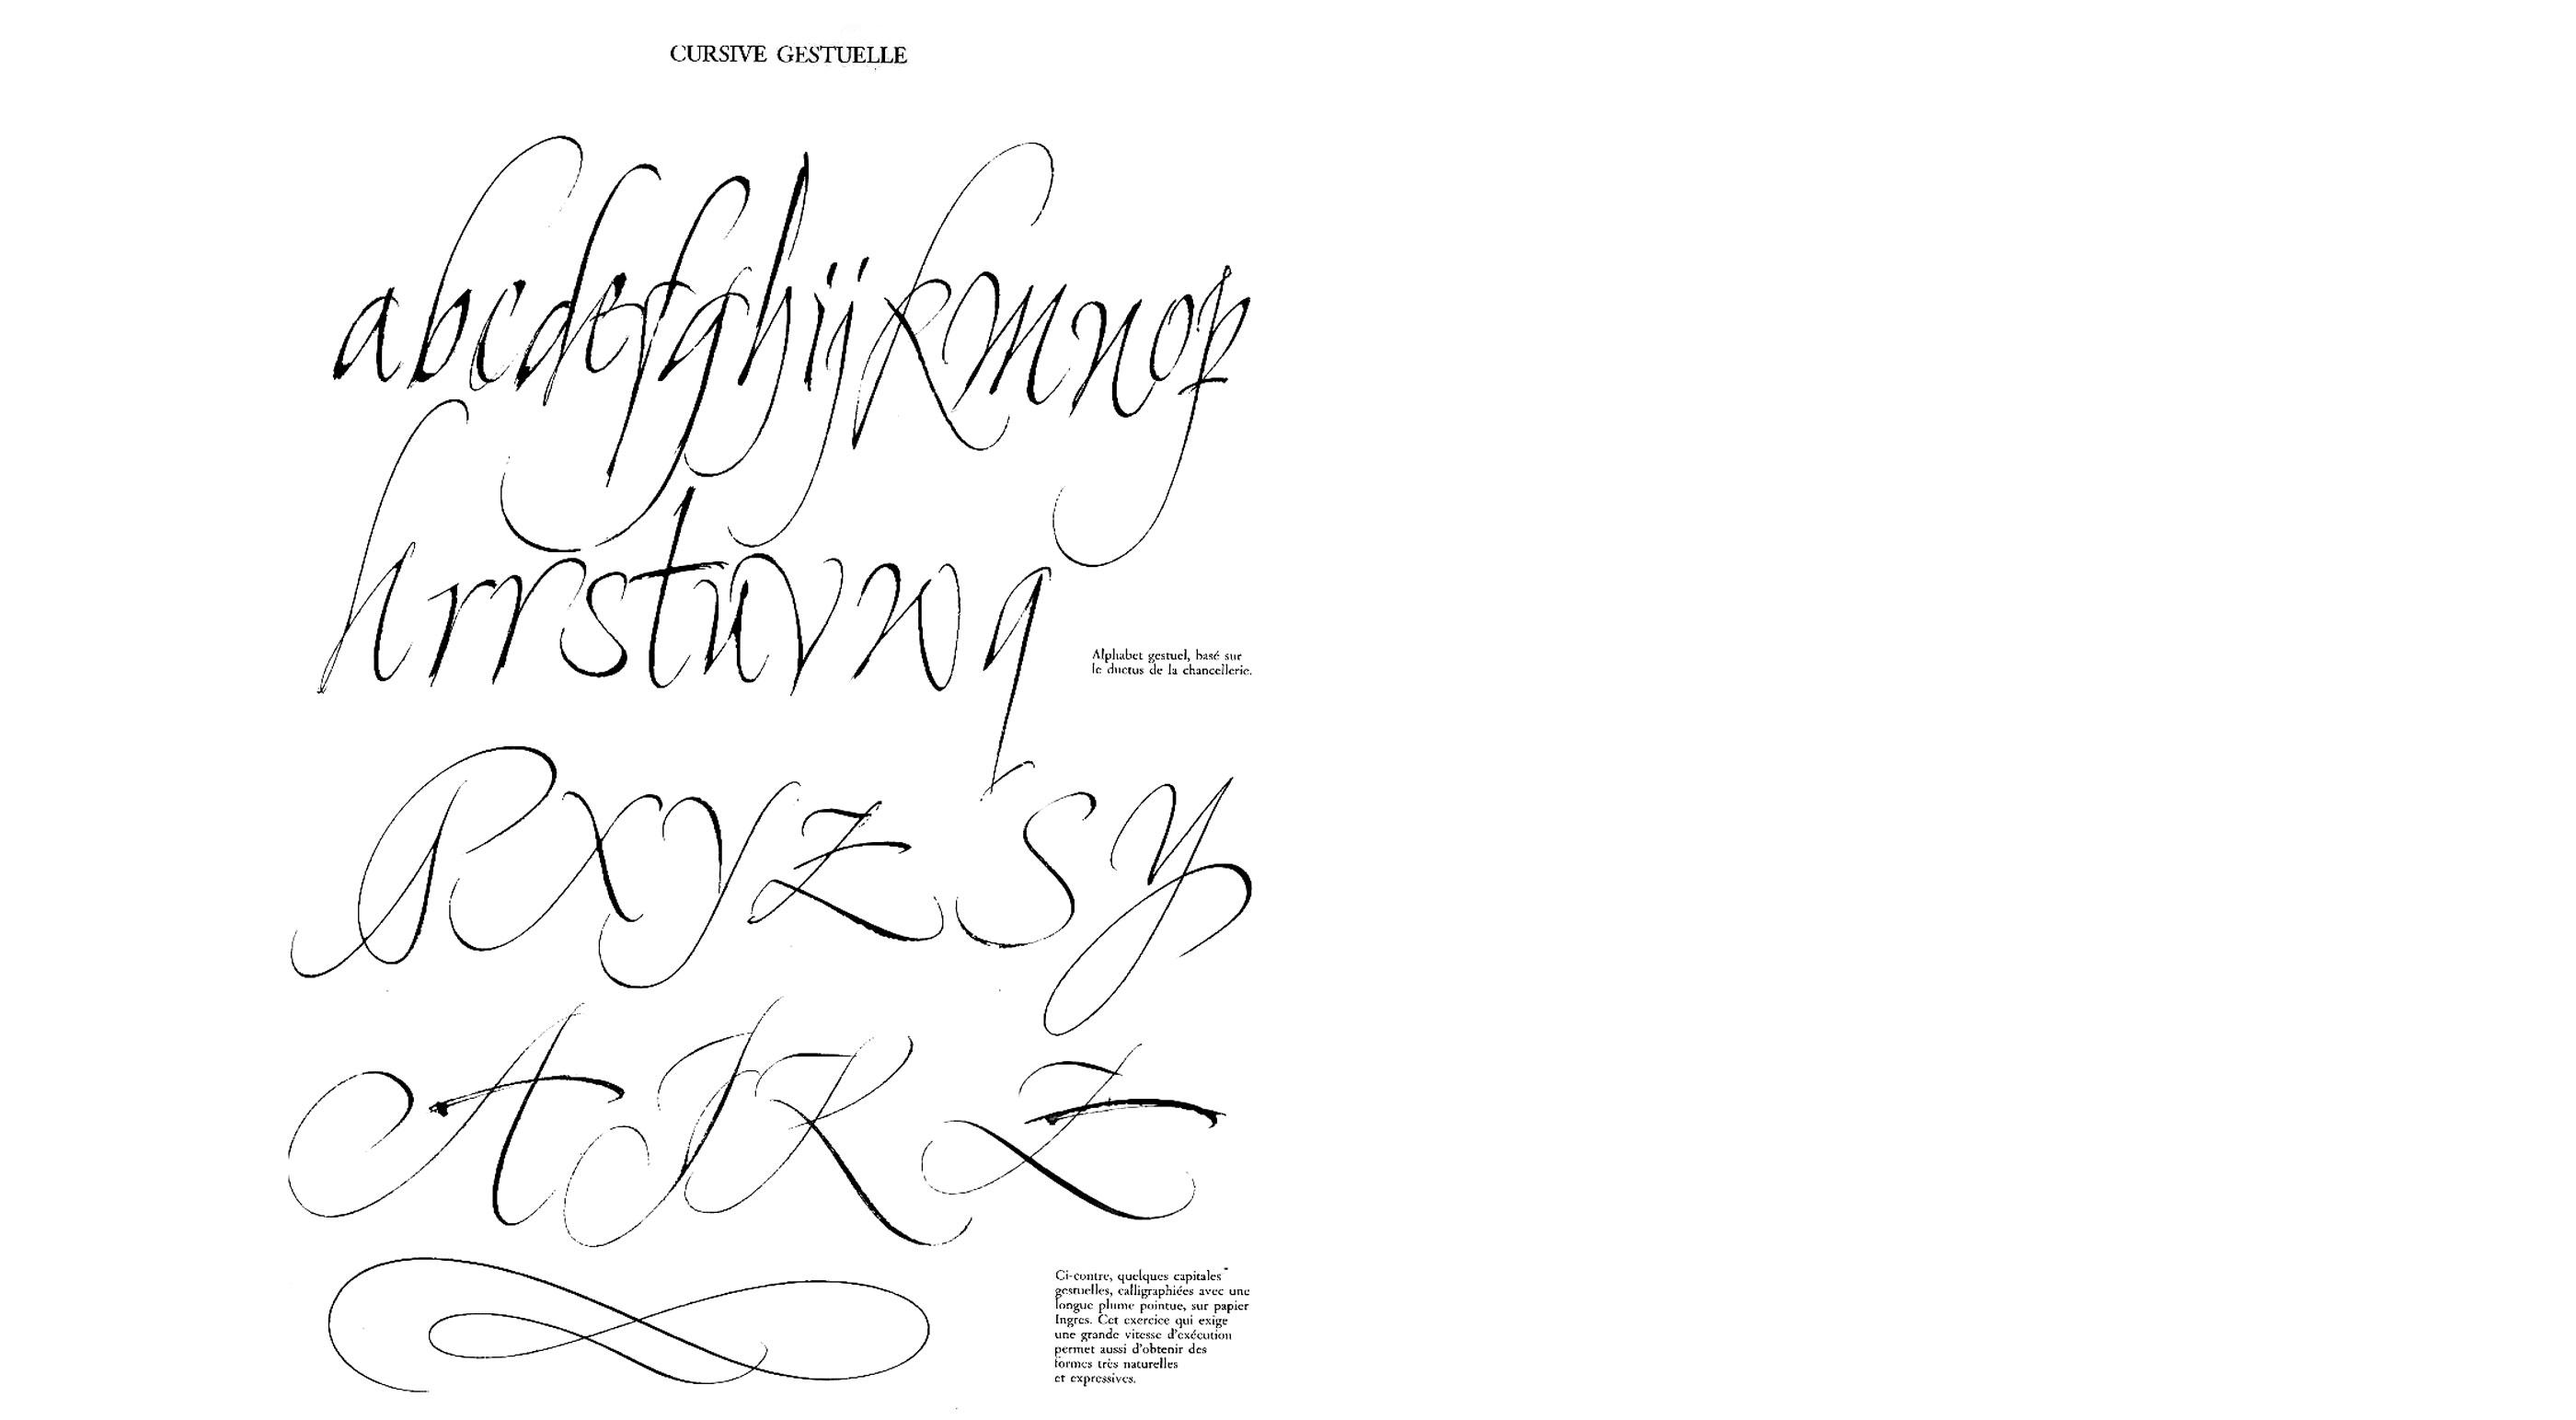 claude-mediavilla-calligraphie-cursive-gestuelle-nb